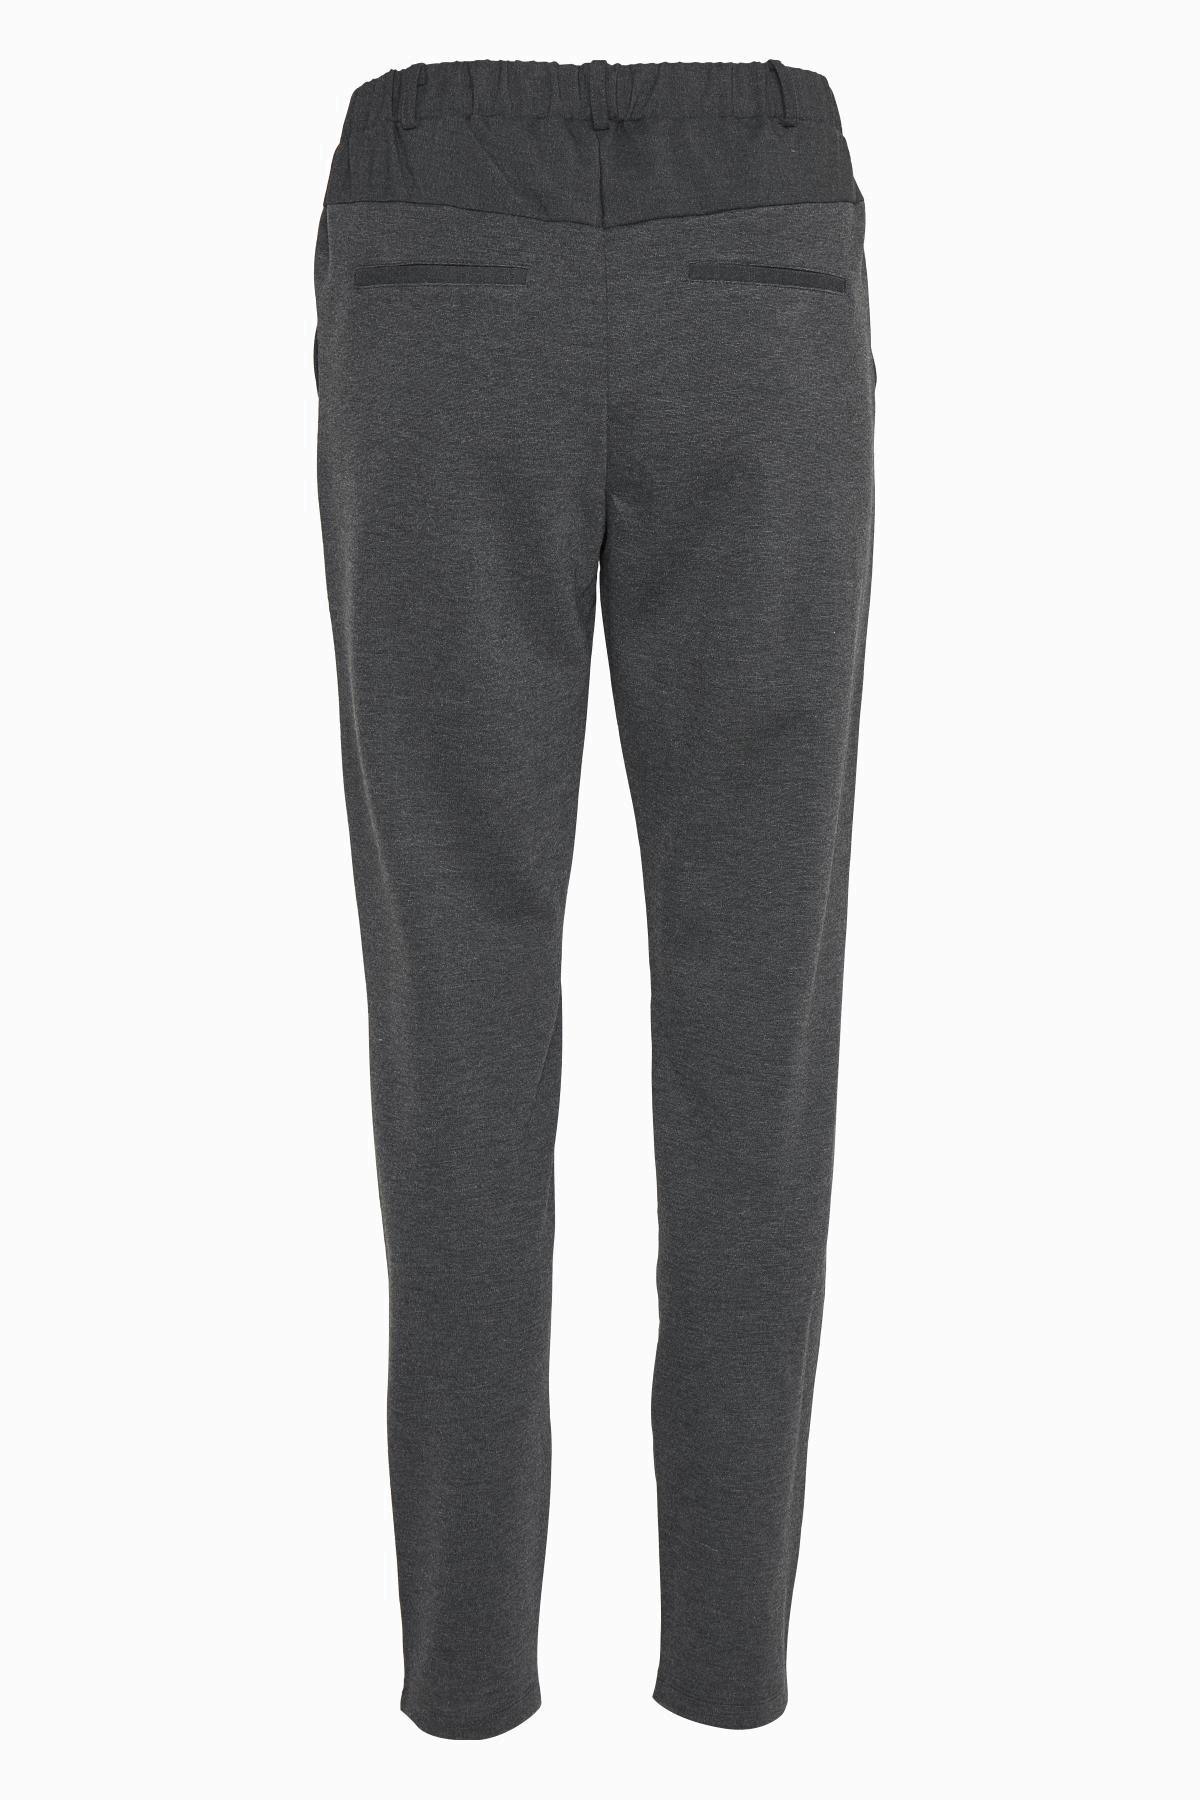 Mörk gråmelerad Casual byxor från Culture – Köp Mörk gråmelerad Casual byxor från stl. XS-XXL här